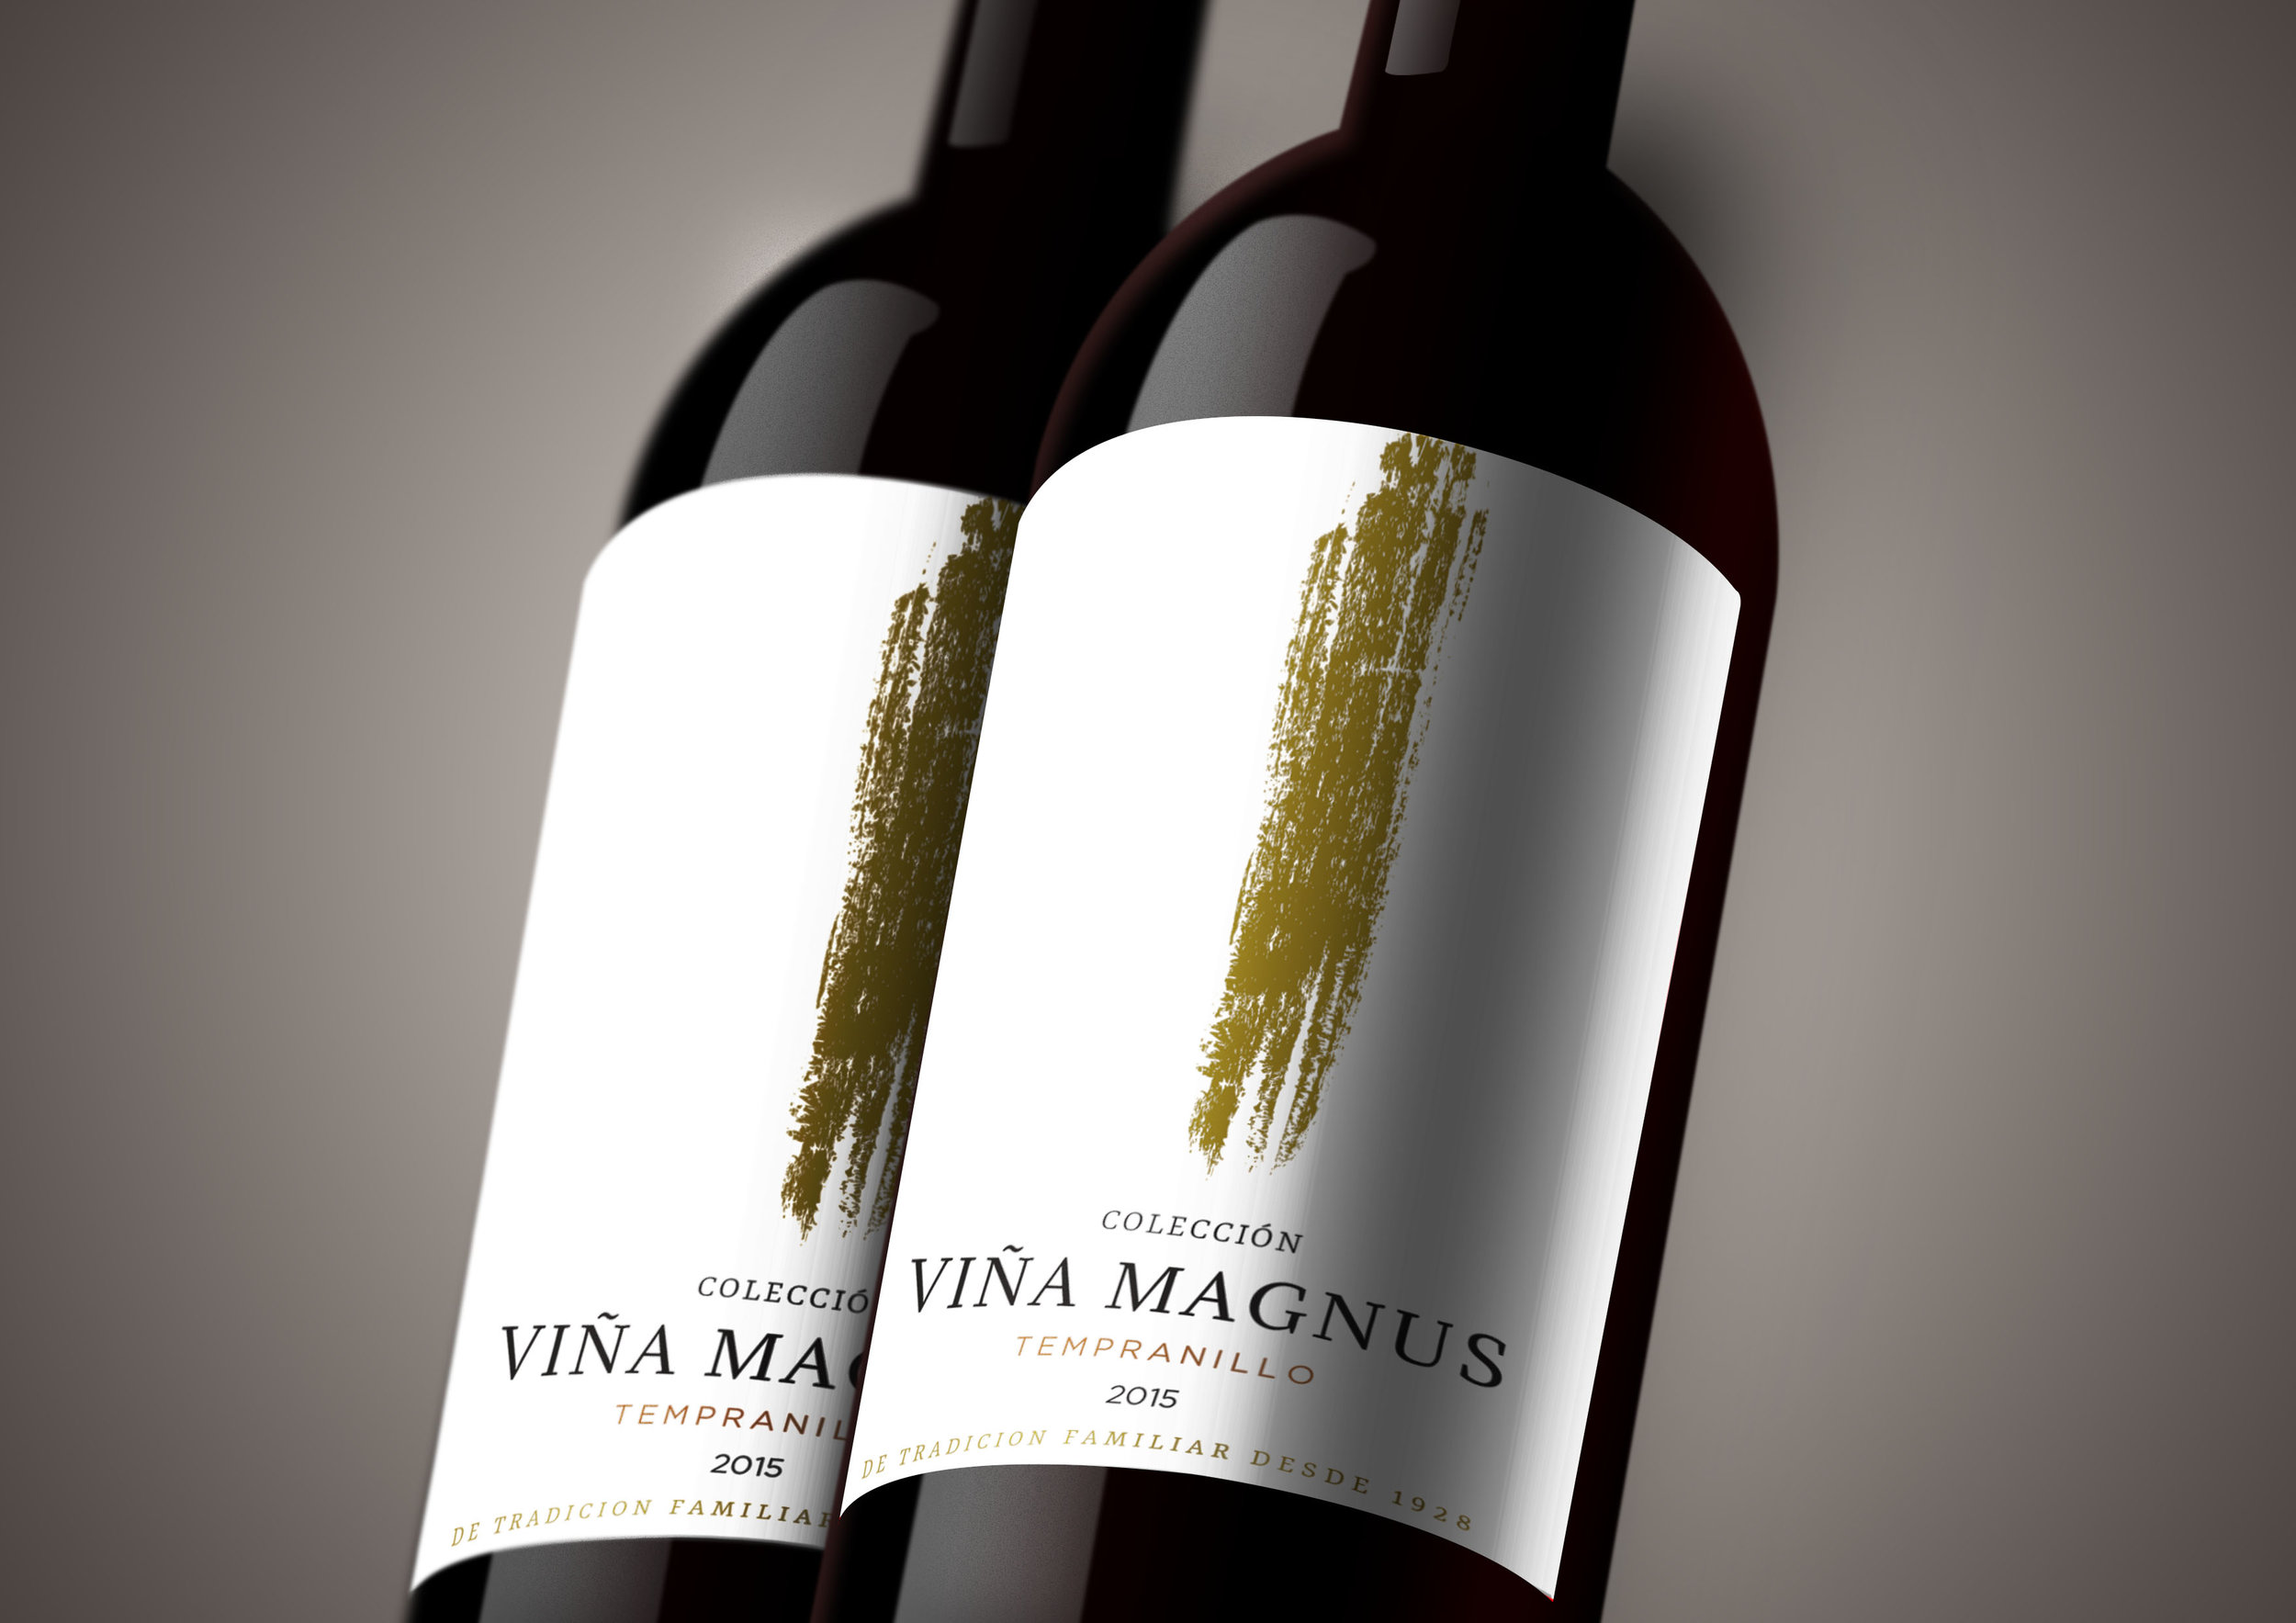 Vina Magnus 2 Bottle Mock Up.jpg